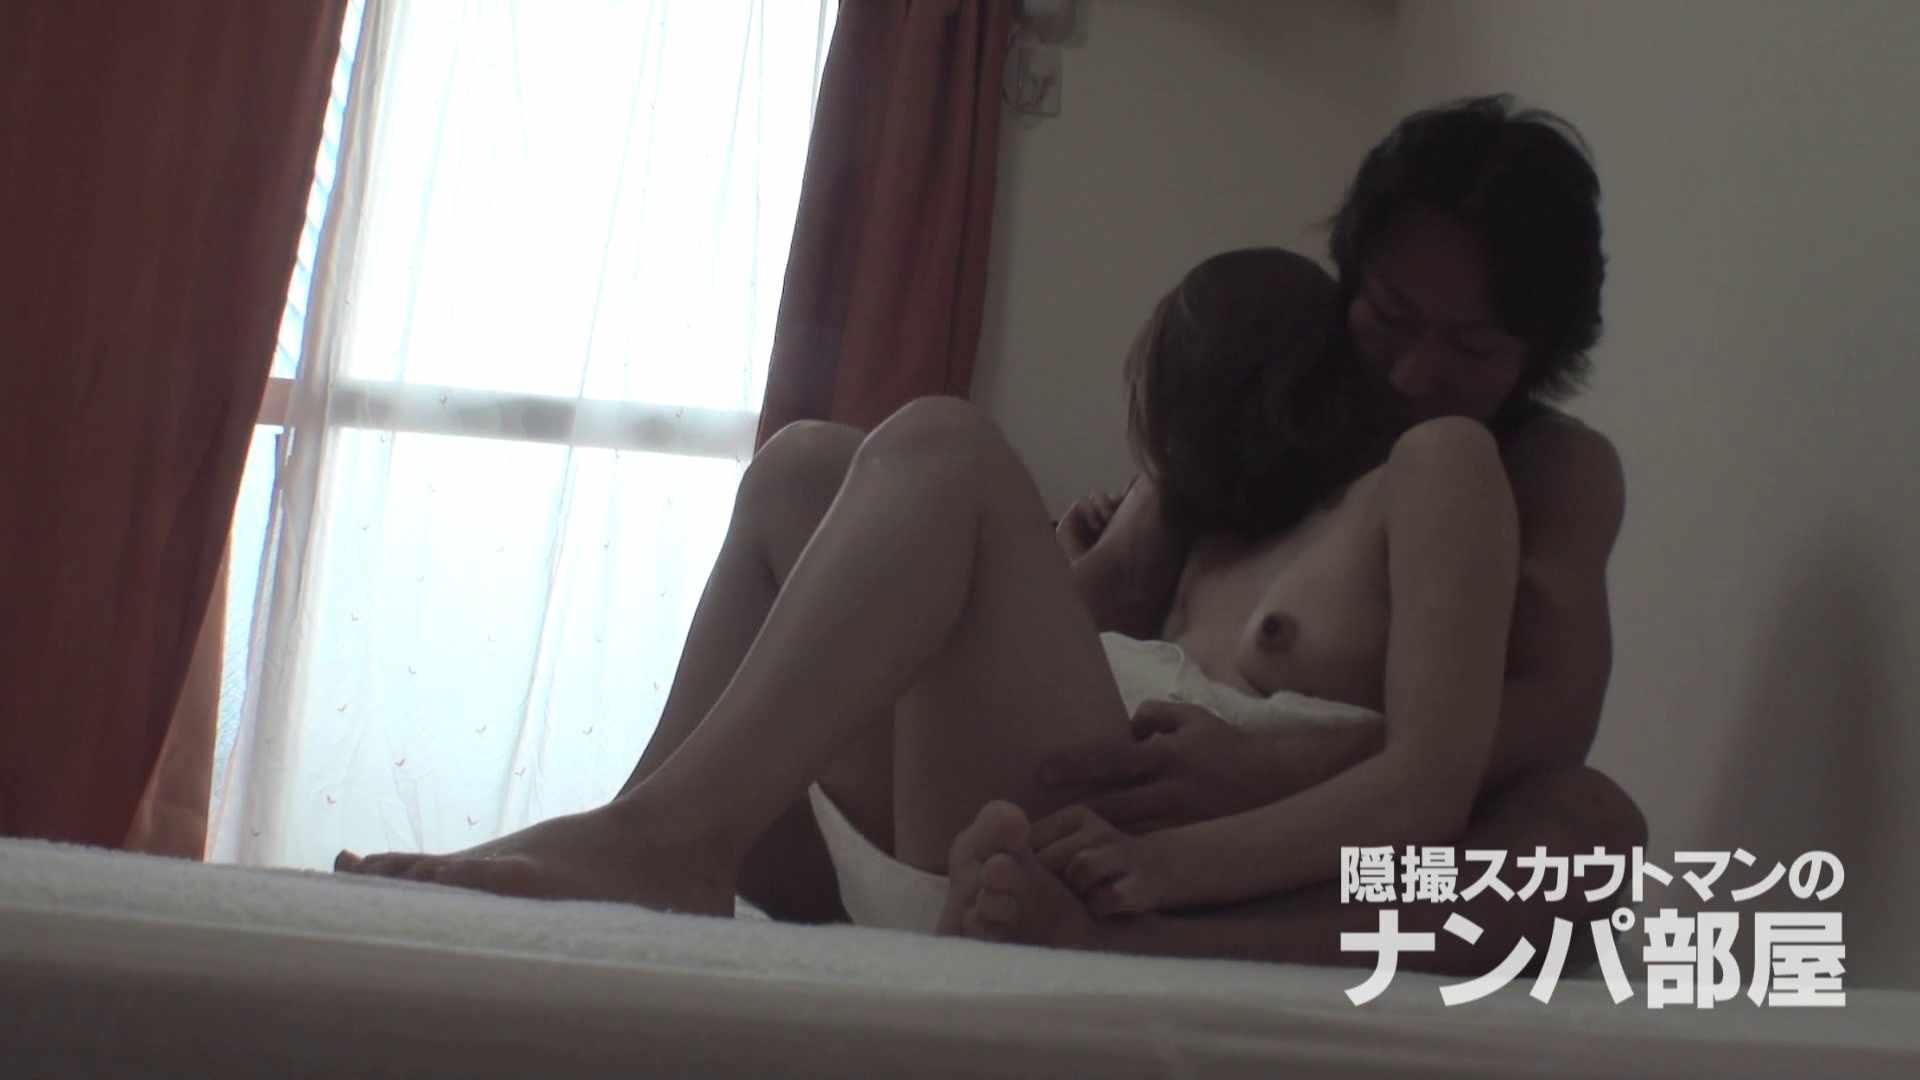 隠撮スカウトマンのナンパ部屋~風俗デビュー前のつまみ食い~ sii 隠撮  68連発 51